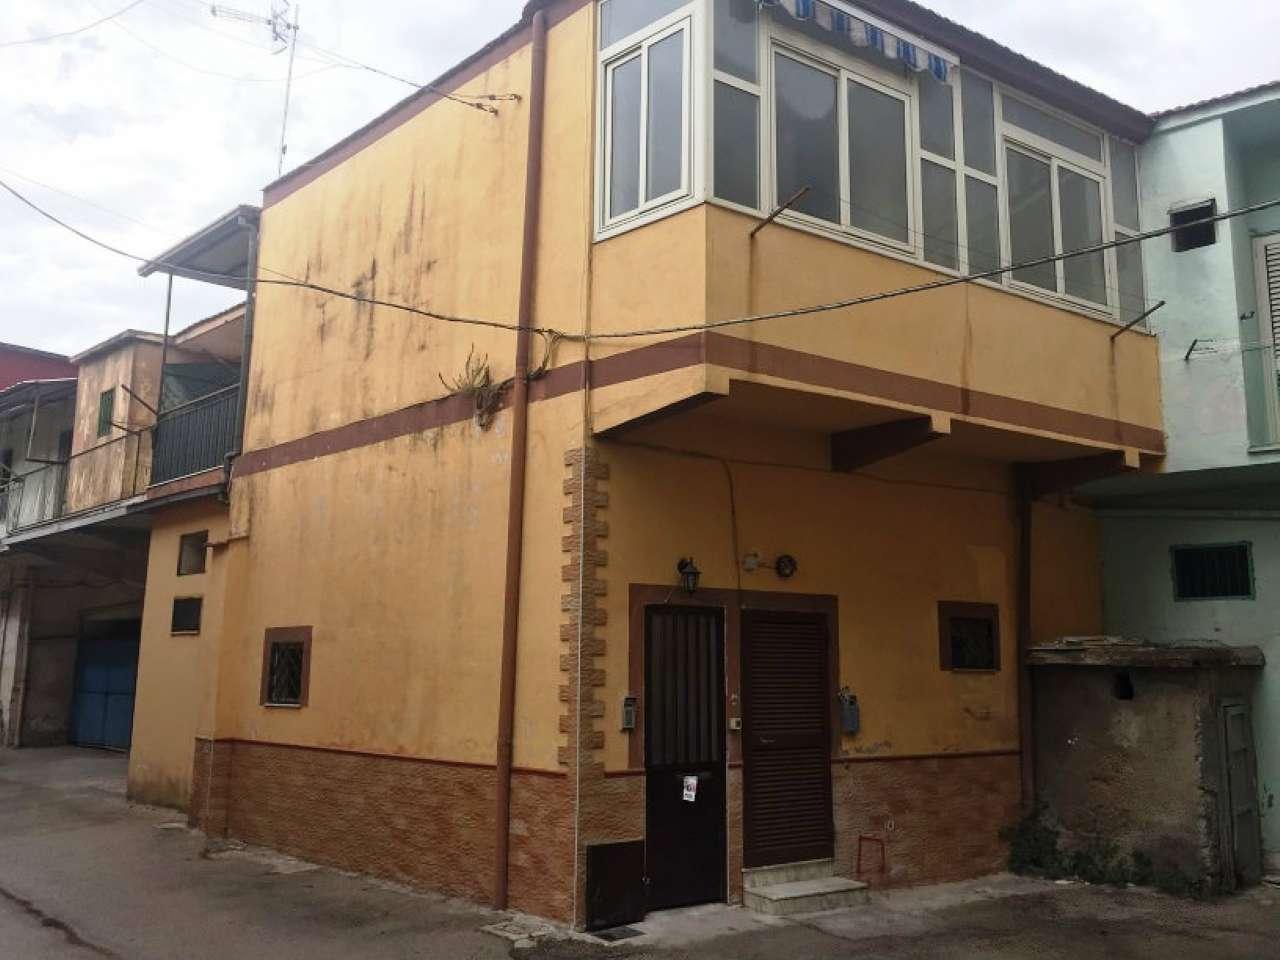 Appartamento in vendita a Casalnuovo di Napoli, 3 locali, prezzo € 85.000 | Cambio Casa.it